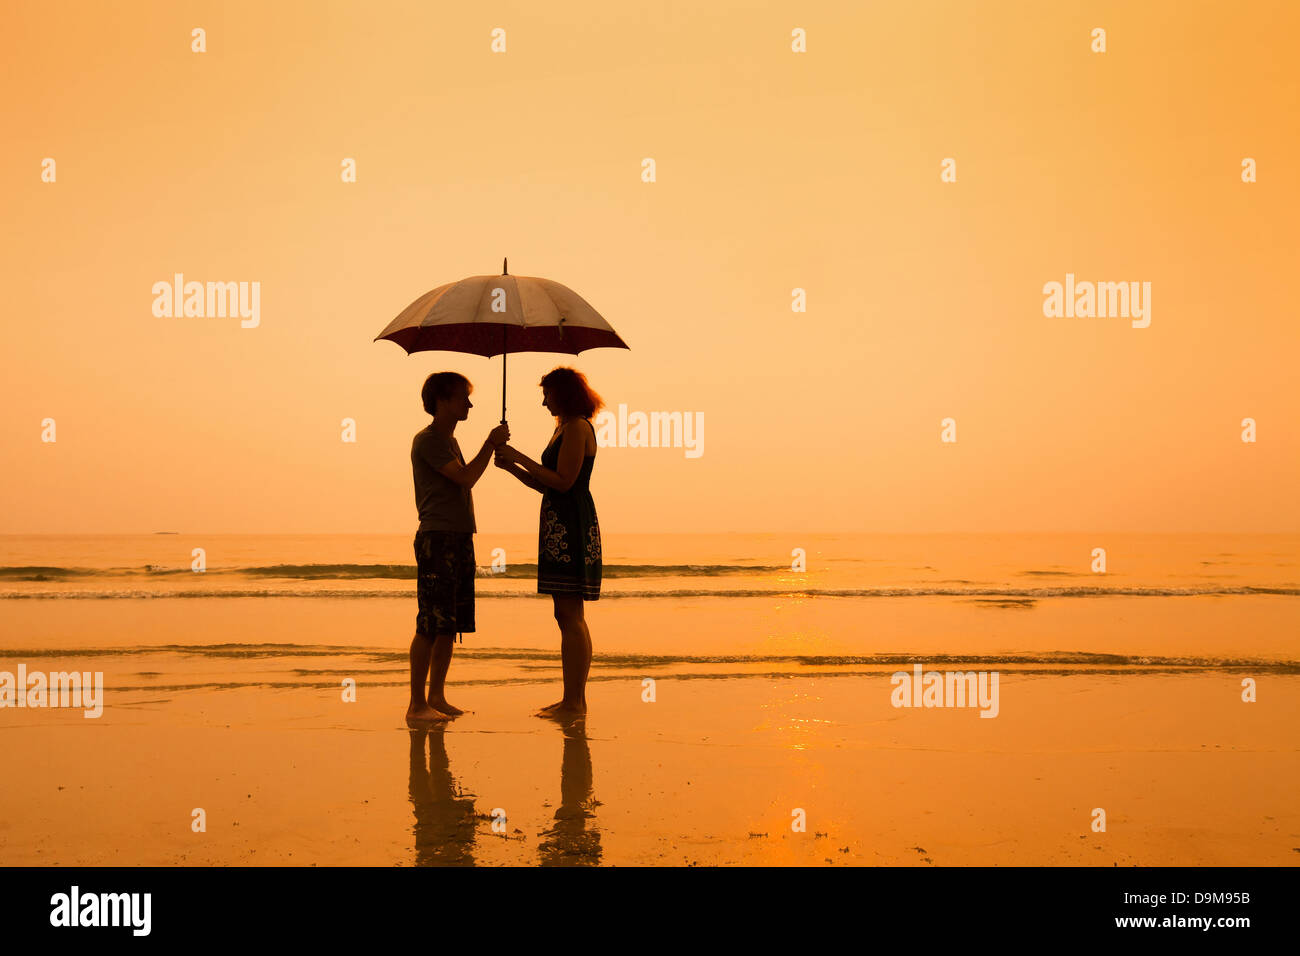 Famiglia sulla spiaggia, sagome di giovane con ombrellone Immagini Stock